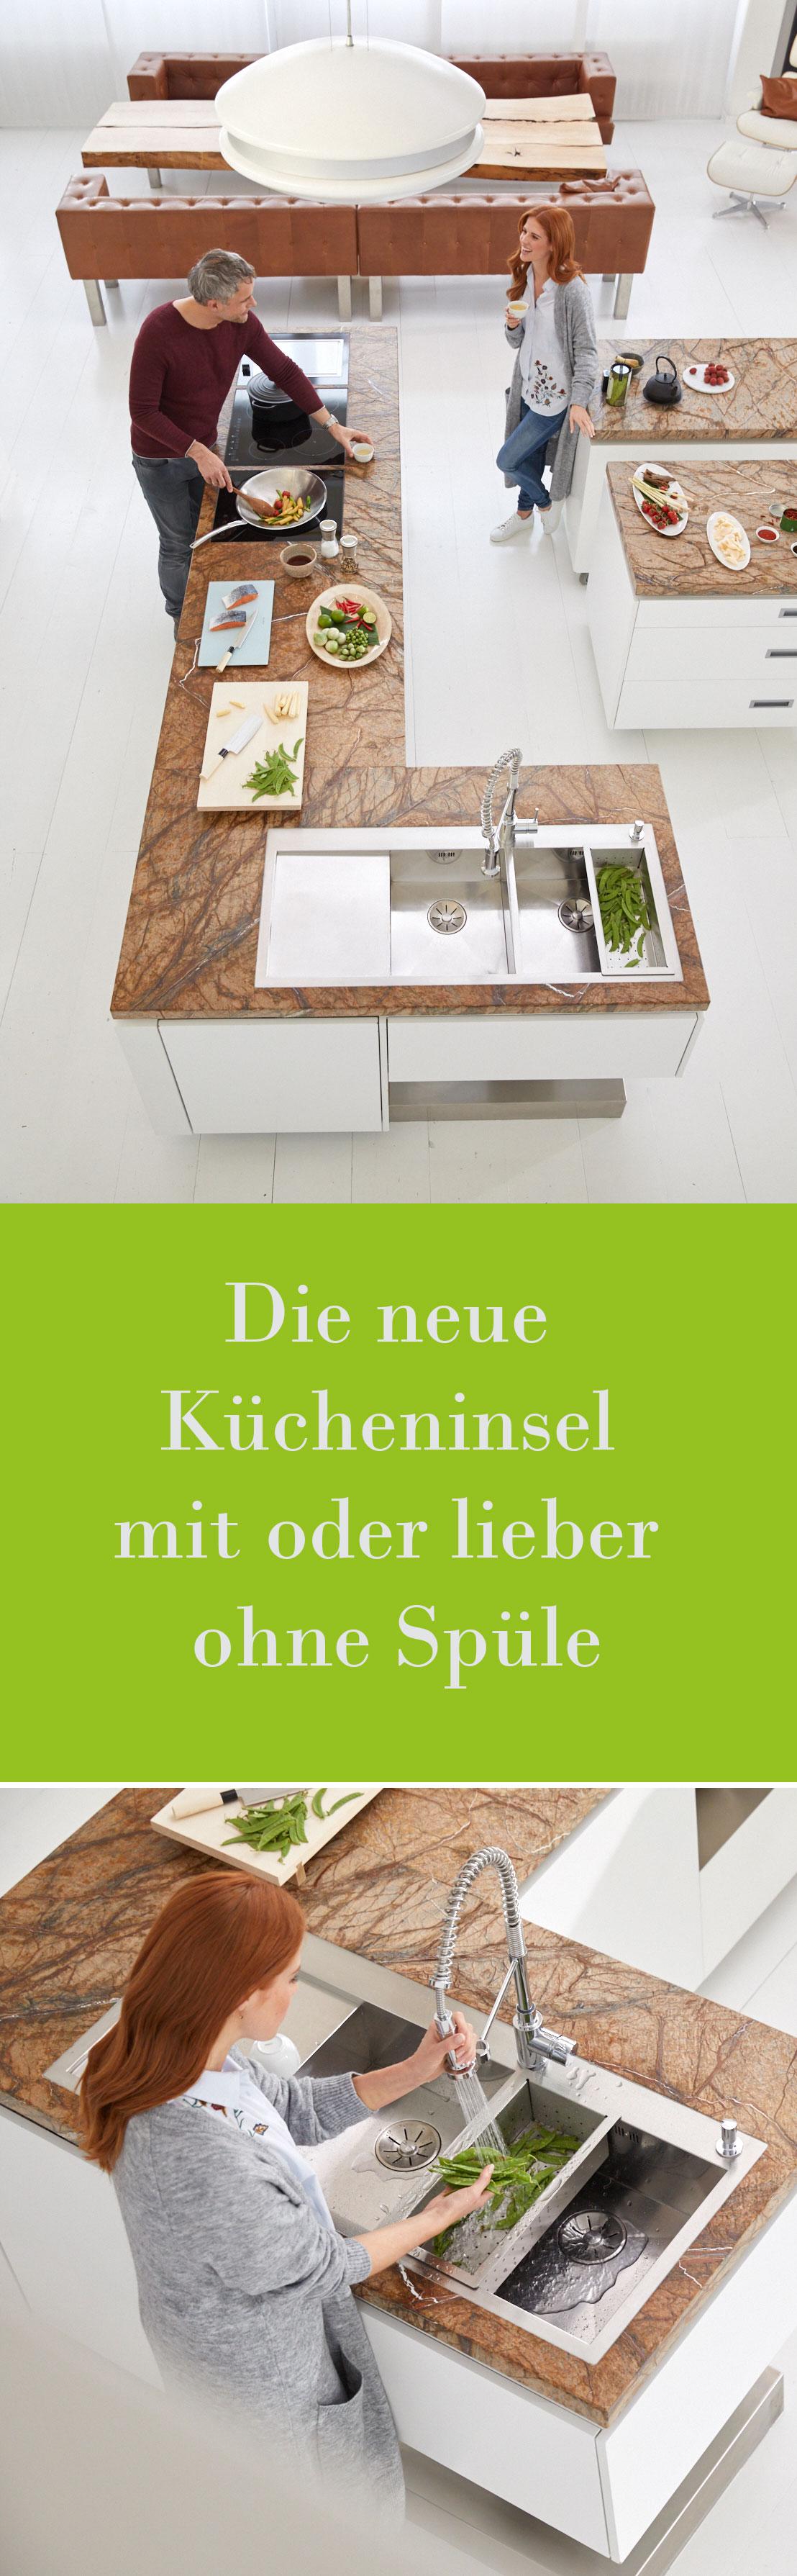 Die neue Kücheninsel mit oder lieber ohne Spüle | Pinterest ...